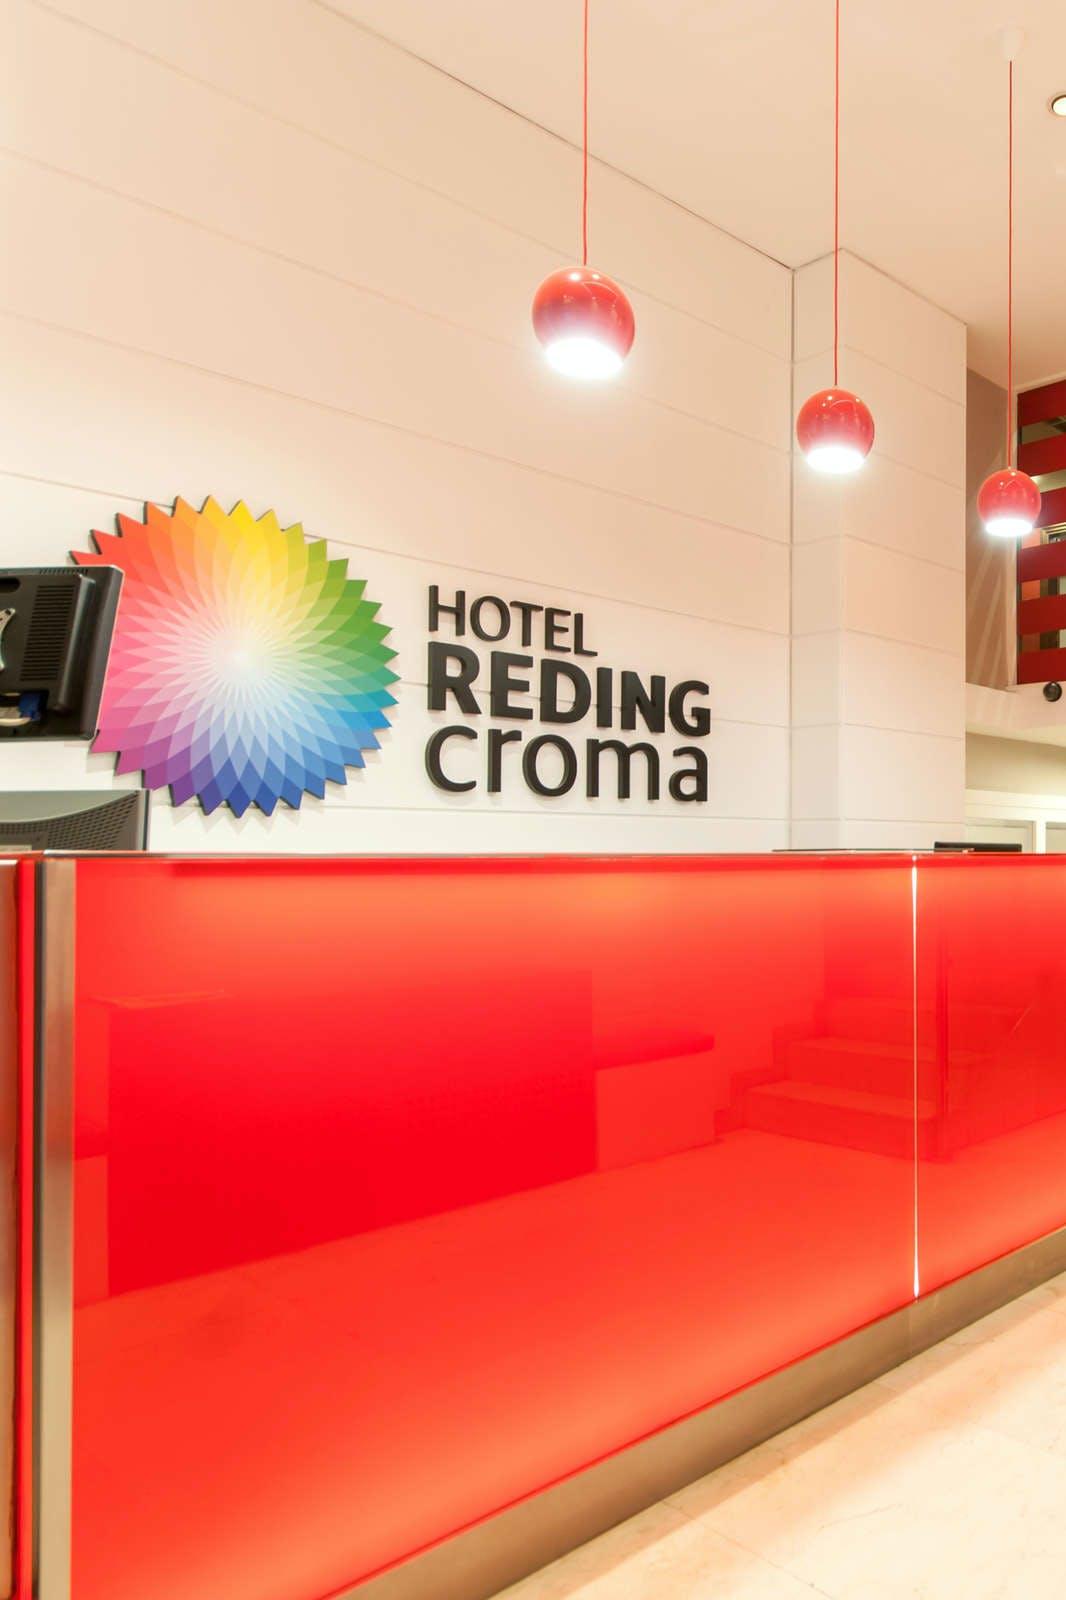 Reding Croma